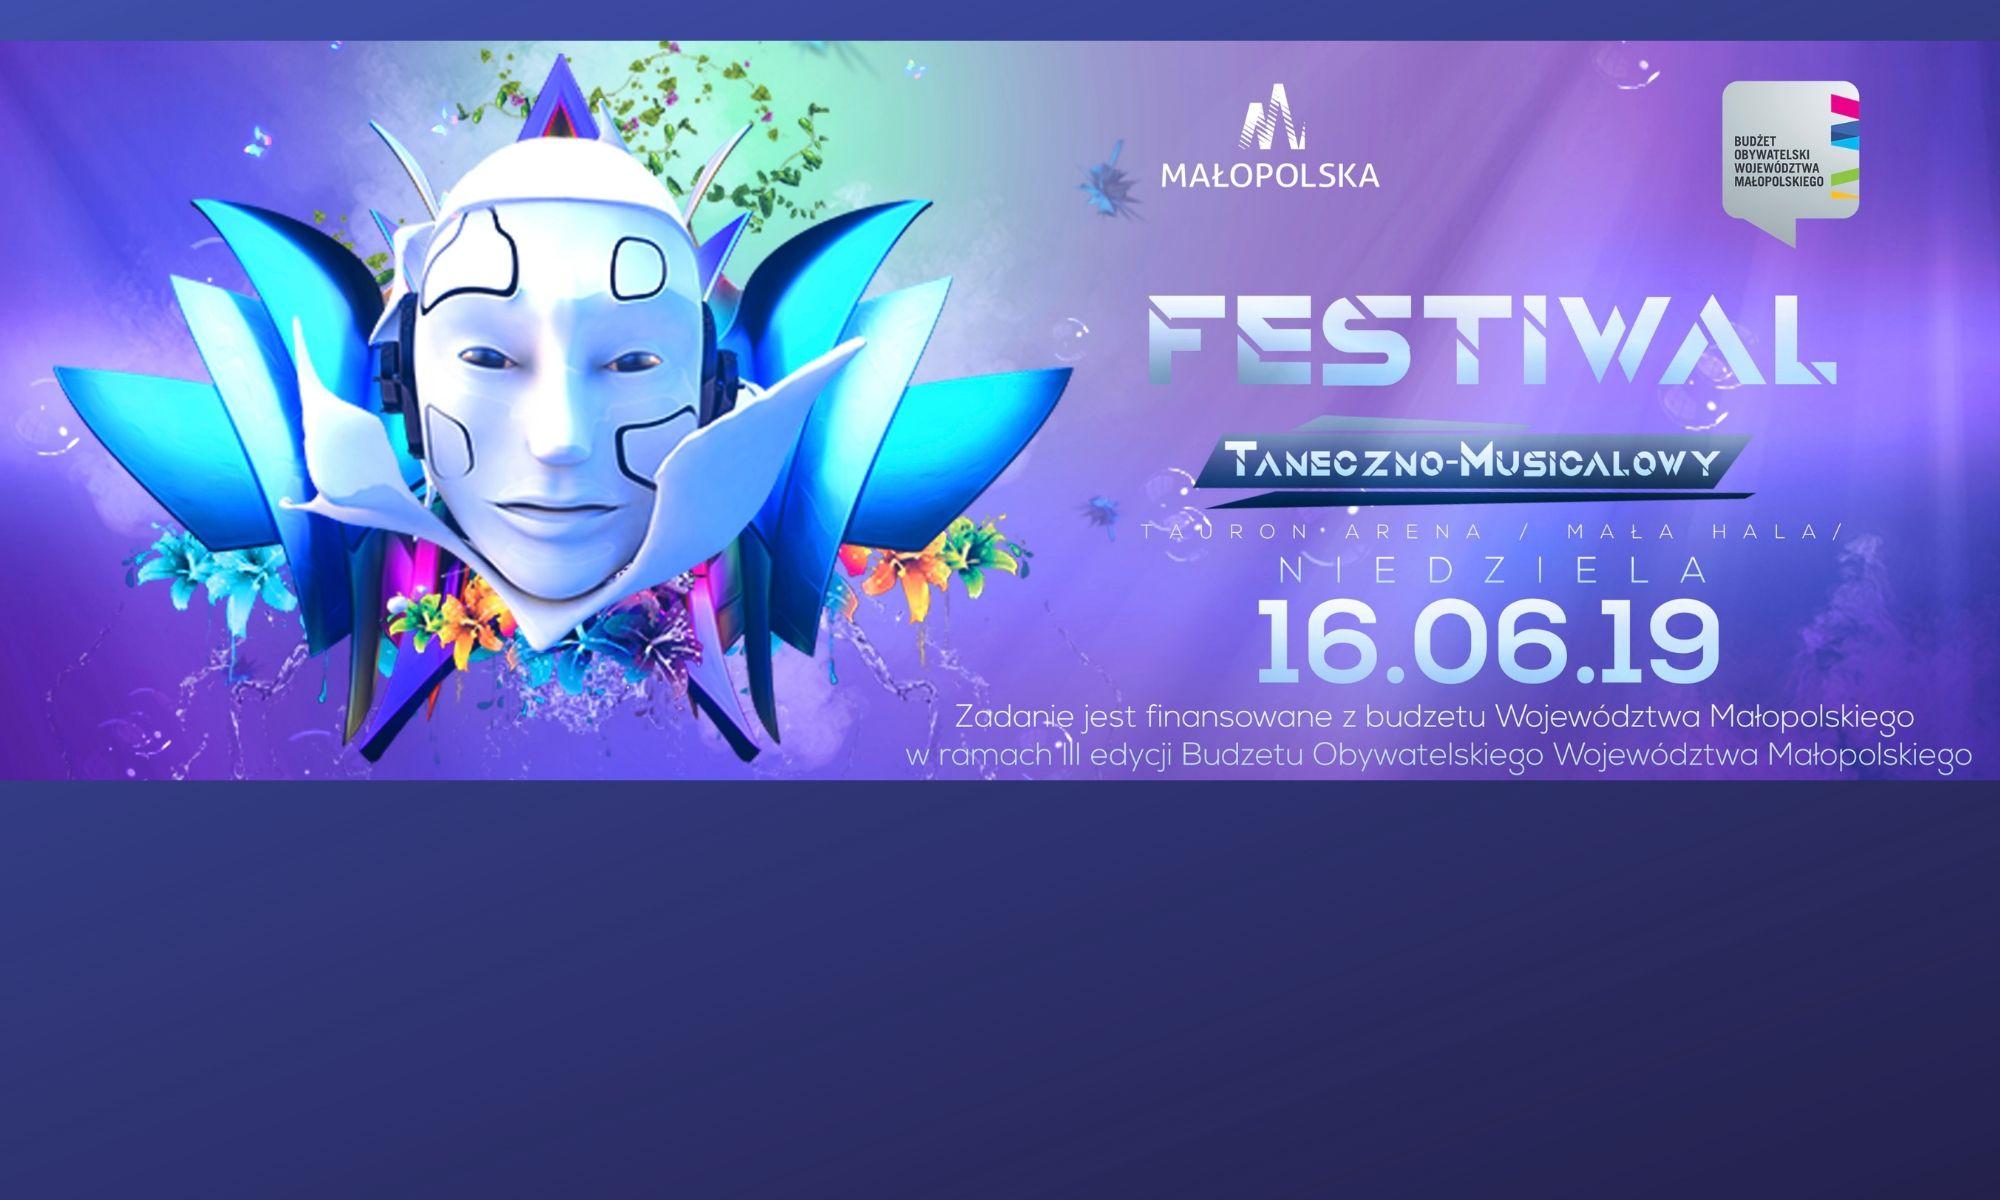 Festiwal taneczno musicalowy